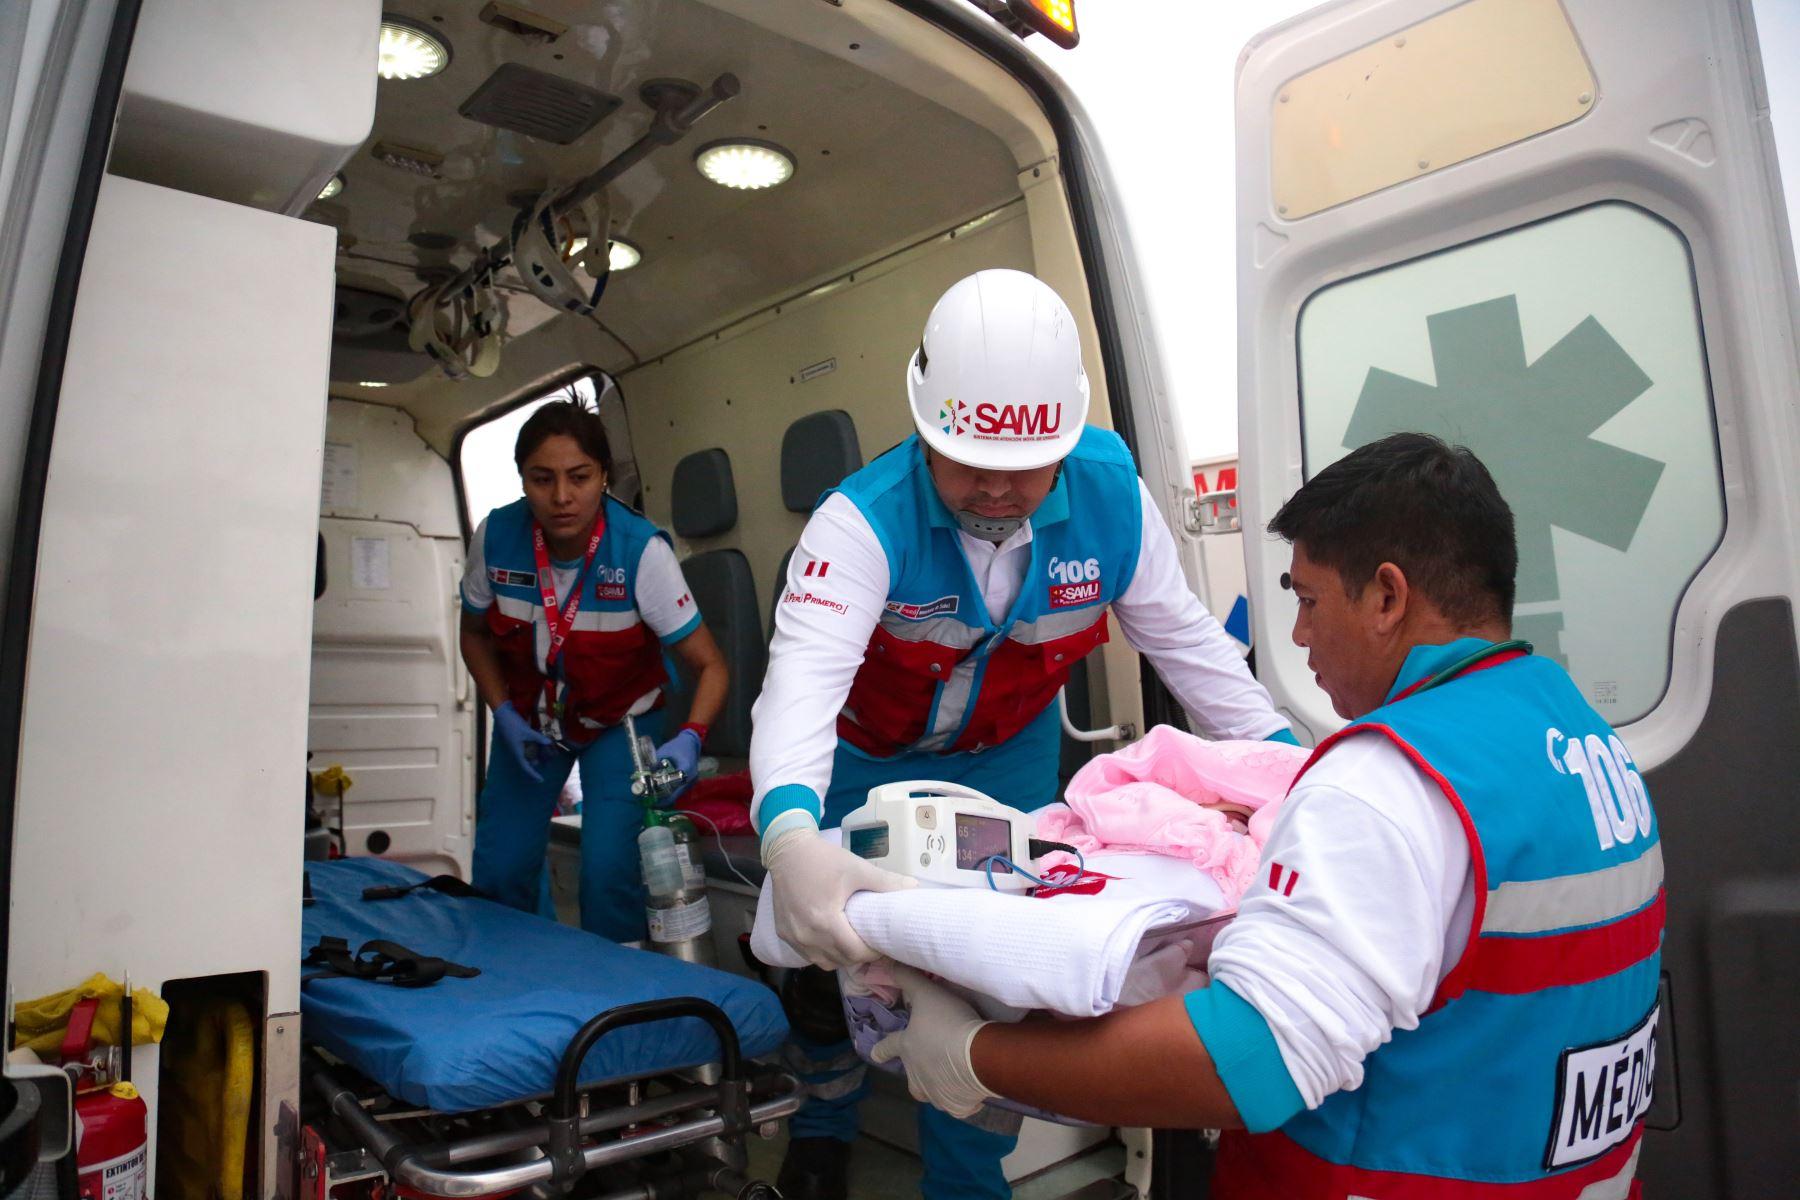 Dos bebés de cuatro y siete meses ingresaron por emergencia al Instituto Nacional de Salud Niño (INSN) San Borja, otro fue trasladado al INSN Breña, mientras que el cuarto bebé ingresó al hospital Dos de Mayo. Foto: ANDINA/Difusión